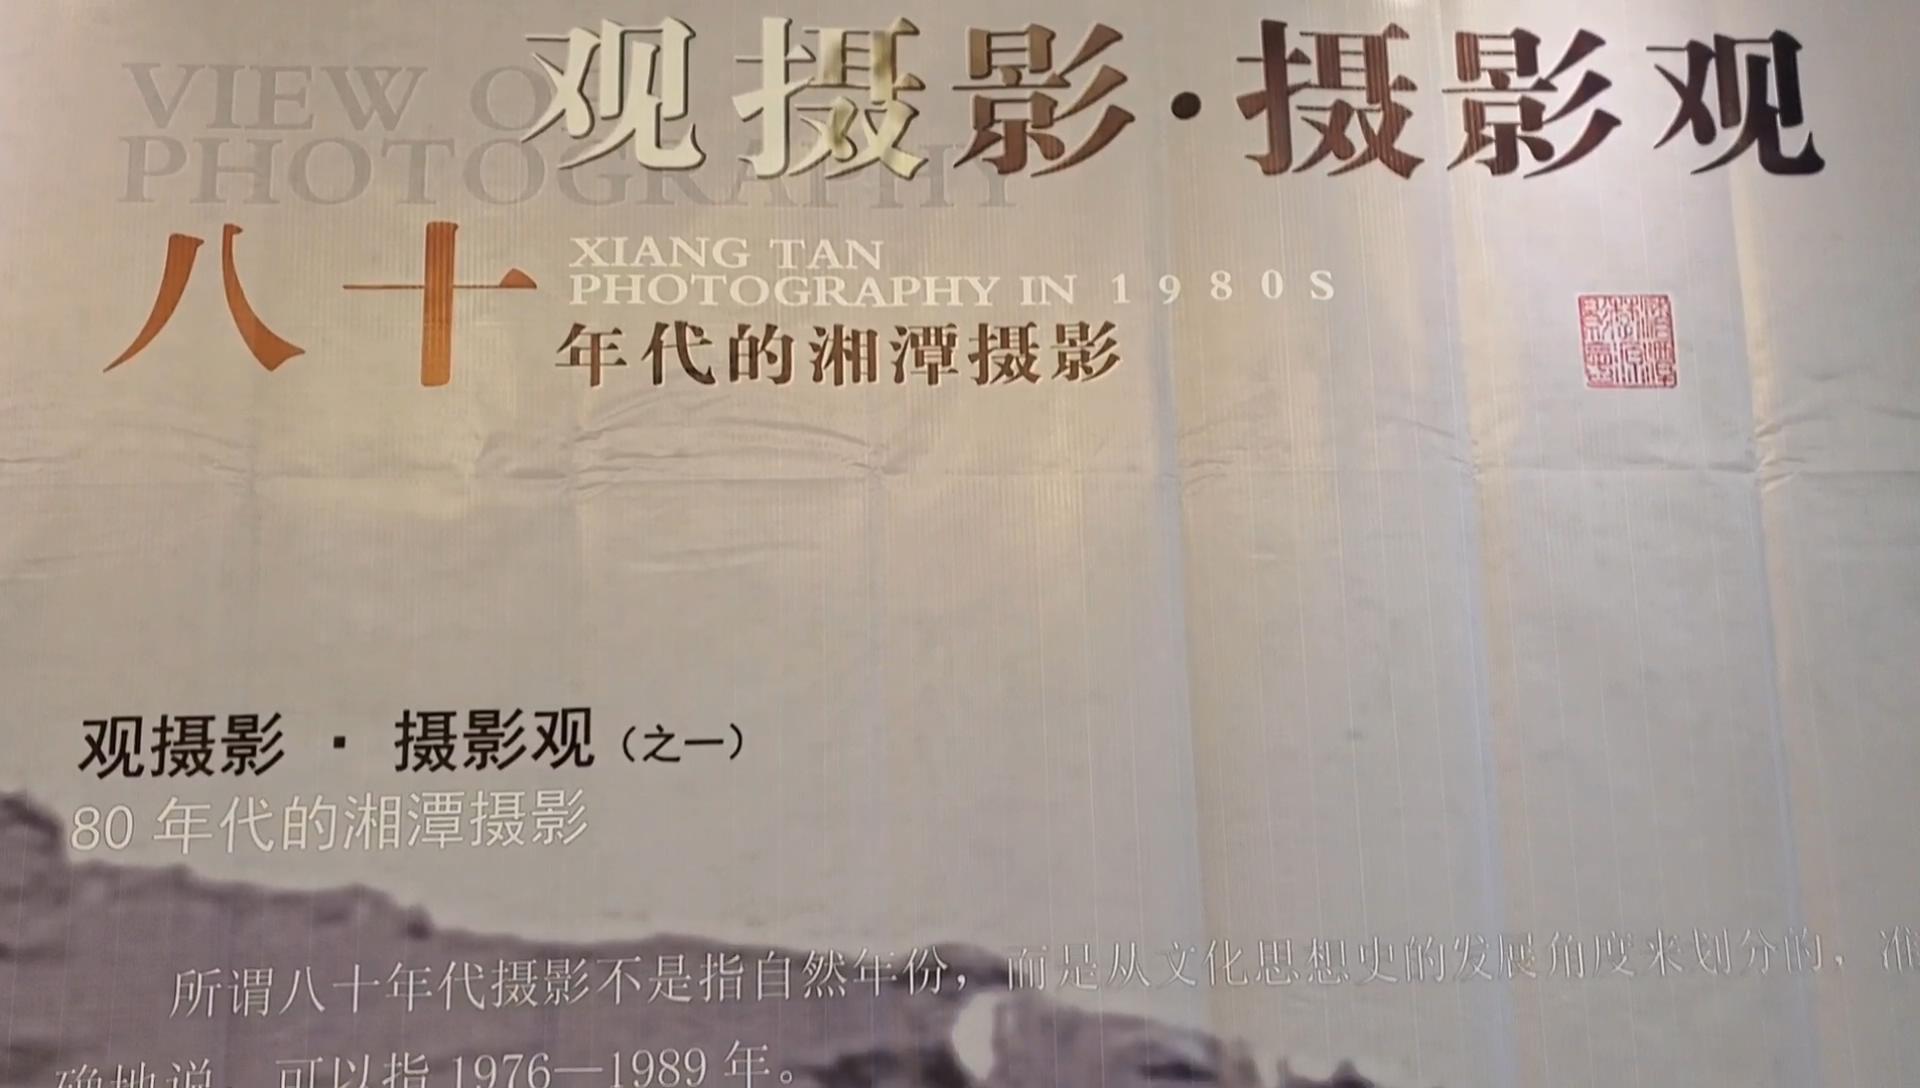 """视频丨""""'观摄影·摄影观'八十年代的湘潭摄影""""活动举行"""